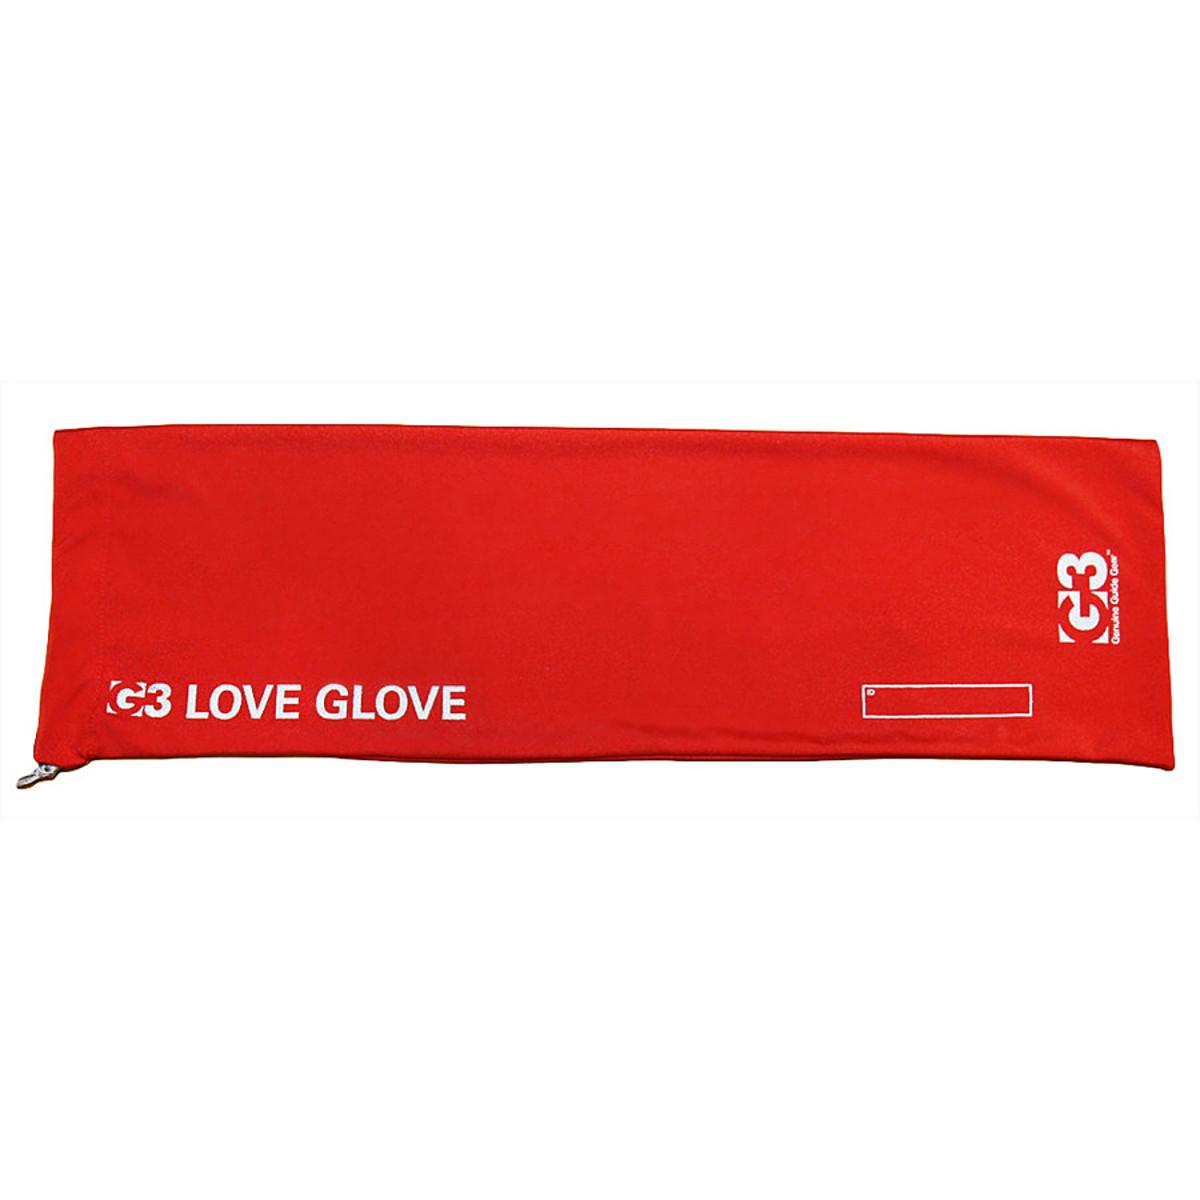 G3 Love Glove